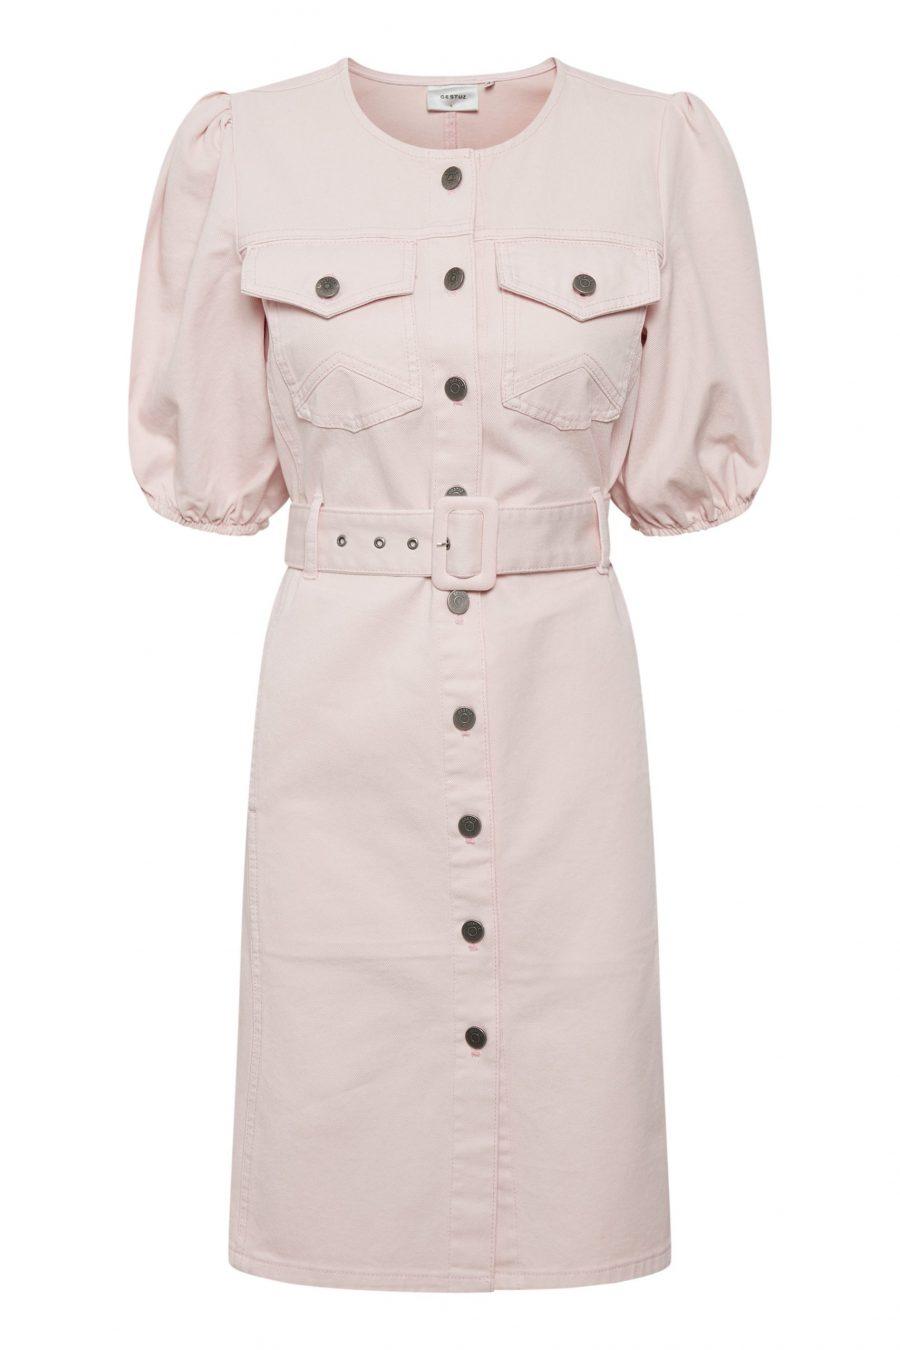 Gestuz_HS20_DilettoGZ short dress_March delivery_999 DKK(1)